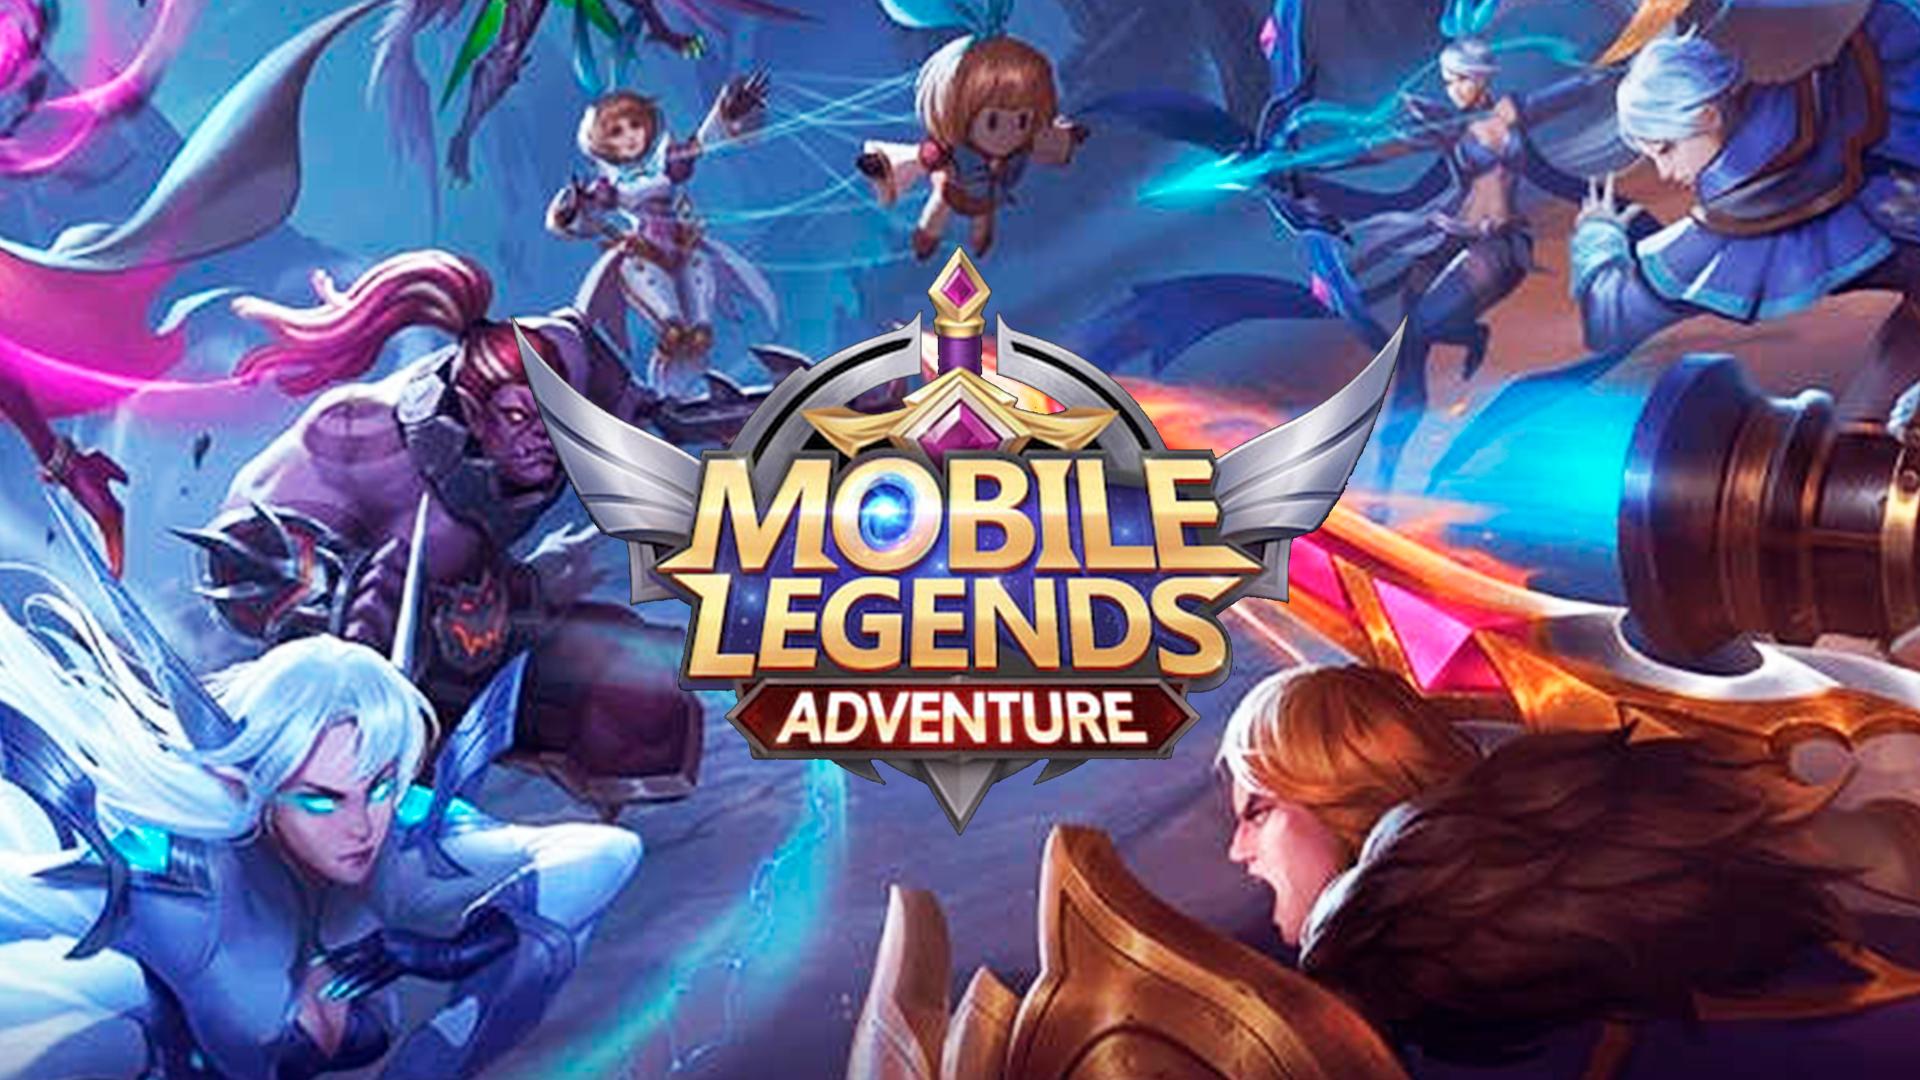 Panduan Mobile Legends Adventure untuk Pemula